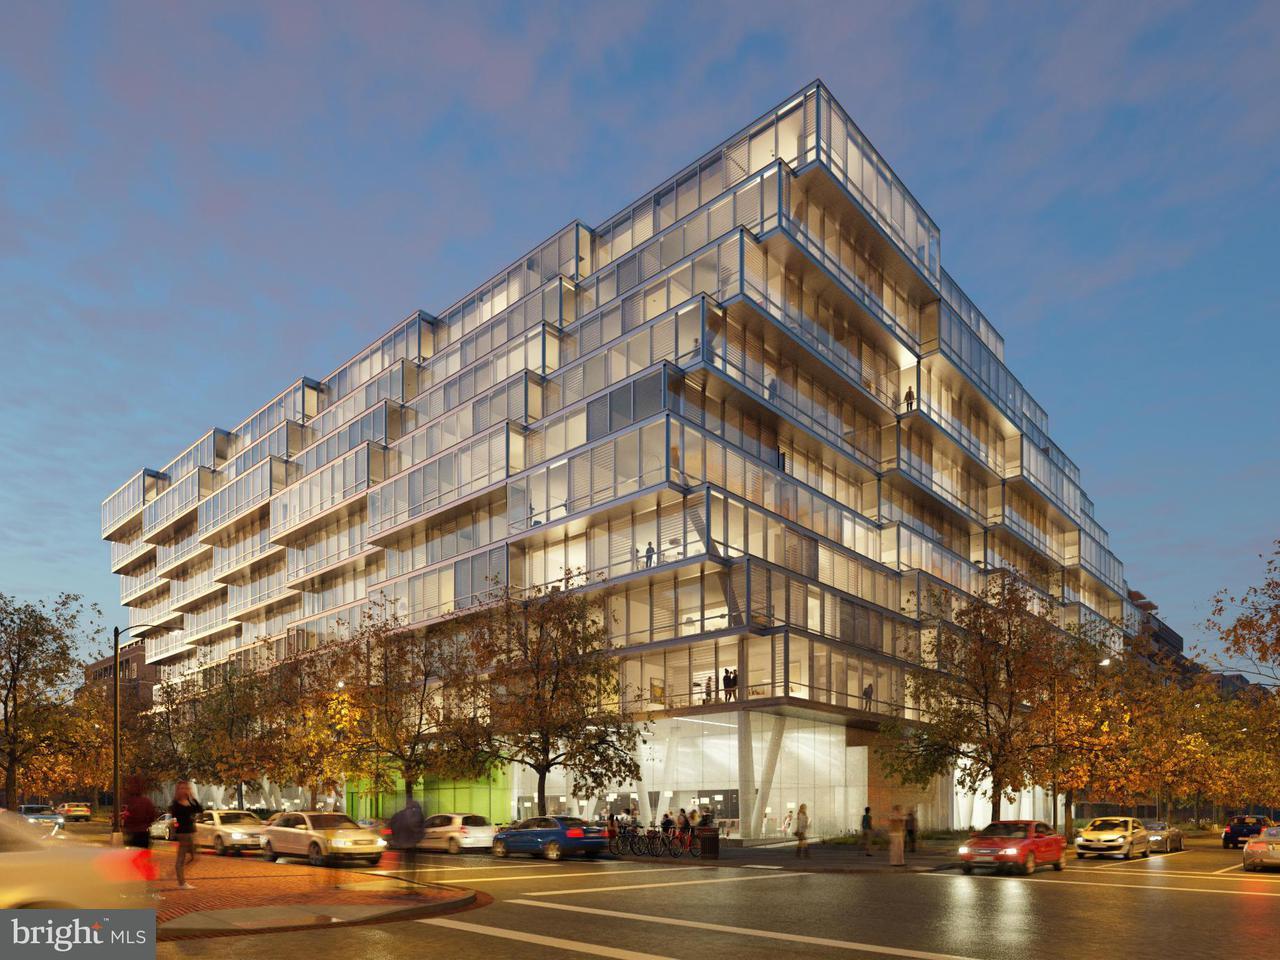 Eigentumswohnung für Verkauf beim 1111 24th St Nw #3a 1111 24th St Nw #3a Washington, District Of Columbia 20037 Vereinigte Staaten